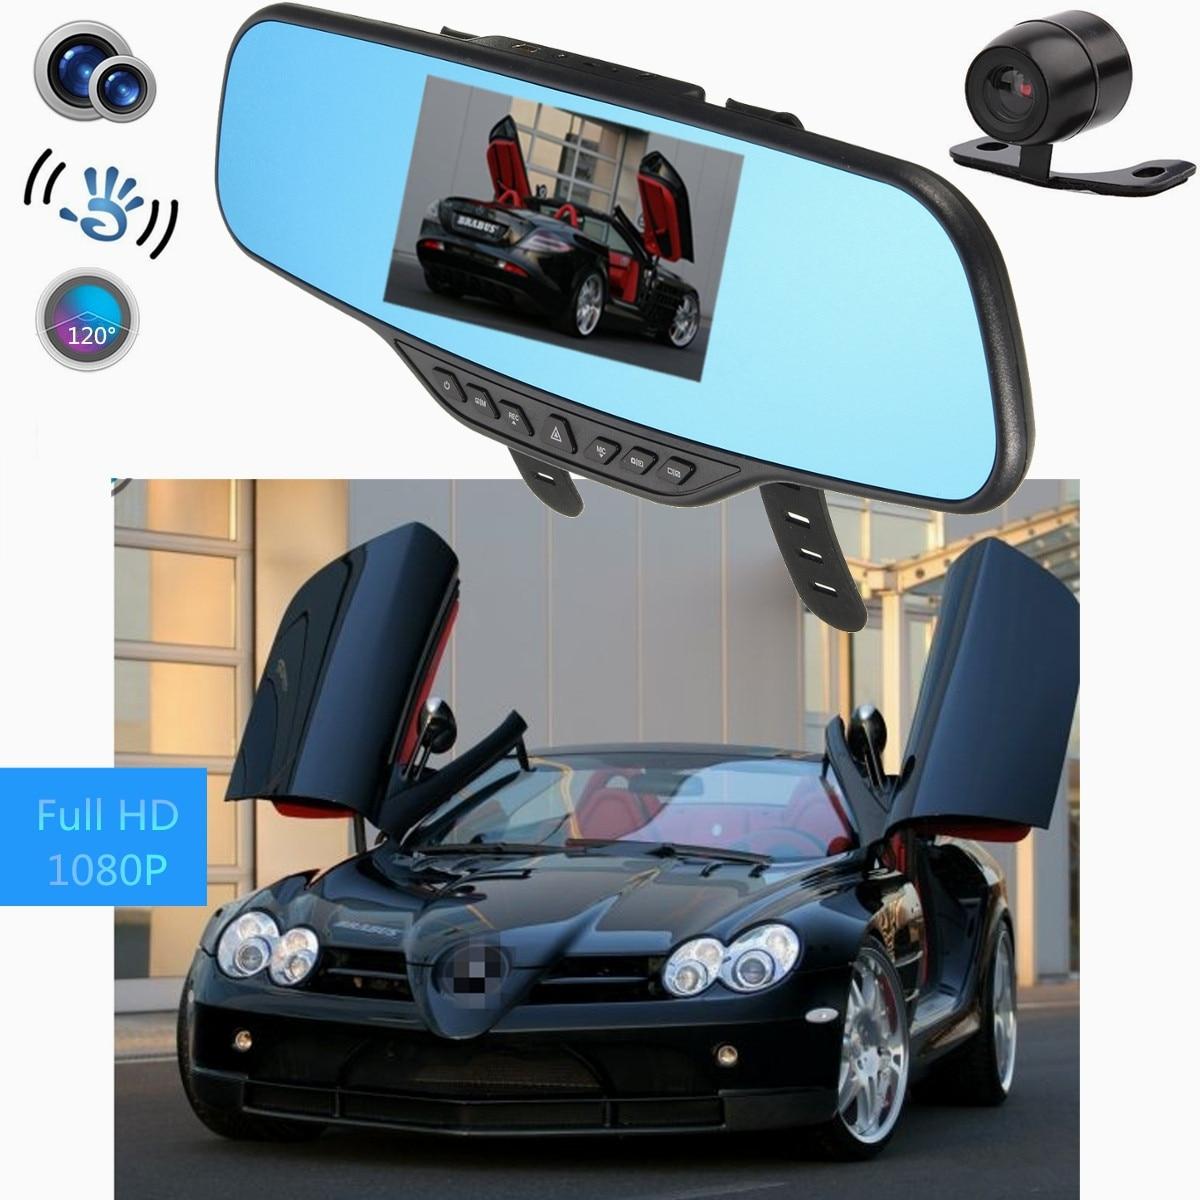 4.3 Pouces HD 1080 P Voiture enregistreur vidéo double objectif Dash Caméra GPS Rétroviseur enregistreur caméra TFT Anti Shake Vidéo Transparente Étanche